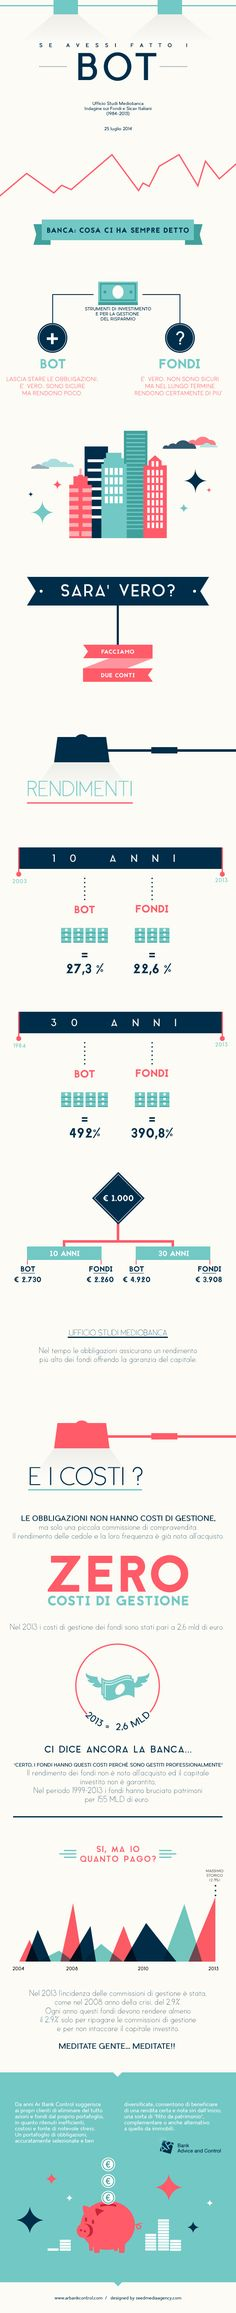 Se Avessi Fatto i #BOT - AR Bank Advice & Control  In quest'#infografica illustriamo il nostro punto di vista su #Fondi e Bot.   Cosa ci dicono le banche a proposito di Obbligazioni e Fondi? Che costi di gestione hanno? Dove conviene investire in più? Scopriamolo insieme nella nostra prima infografica. #infographic #finanza #socialmedia #economia #italia #economy #borsa